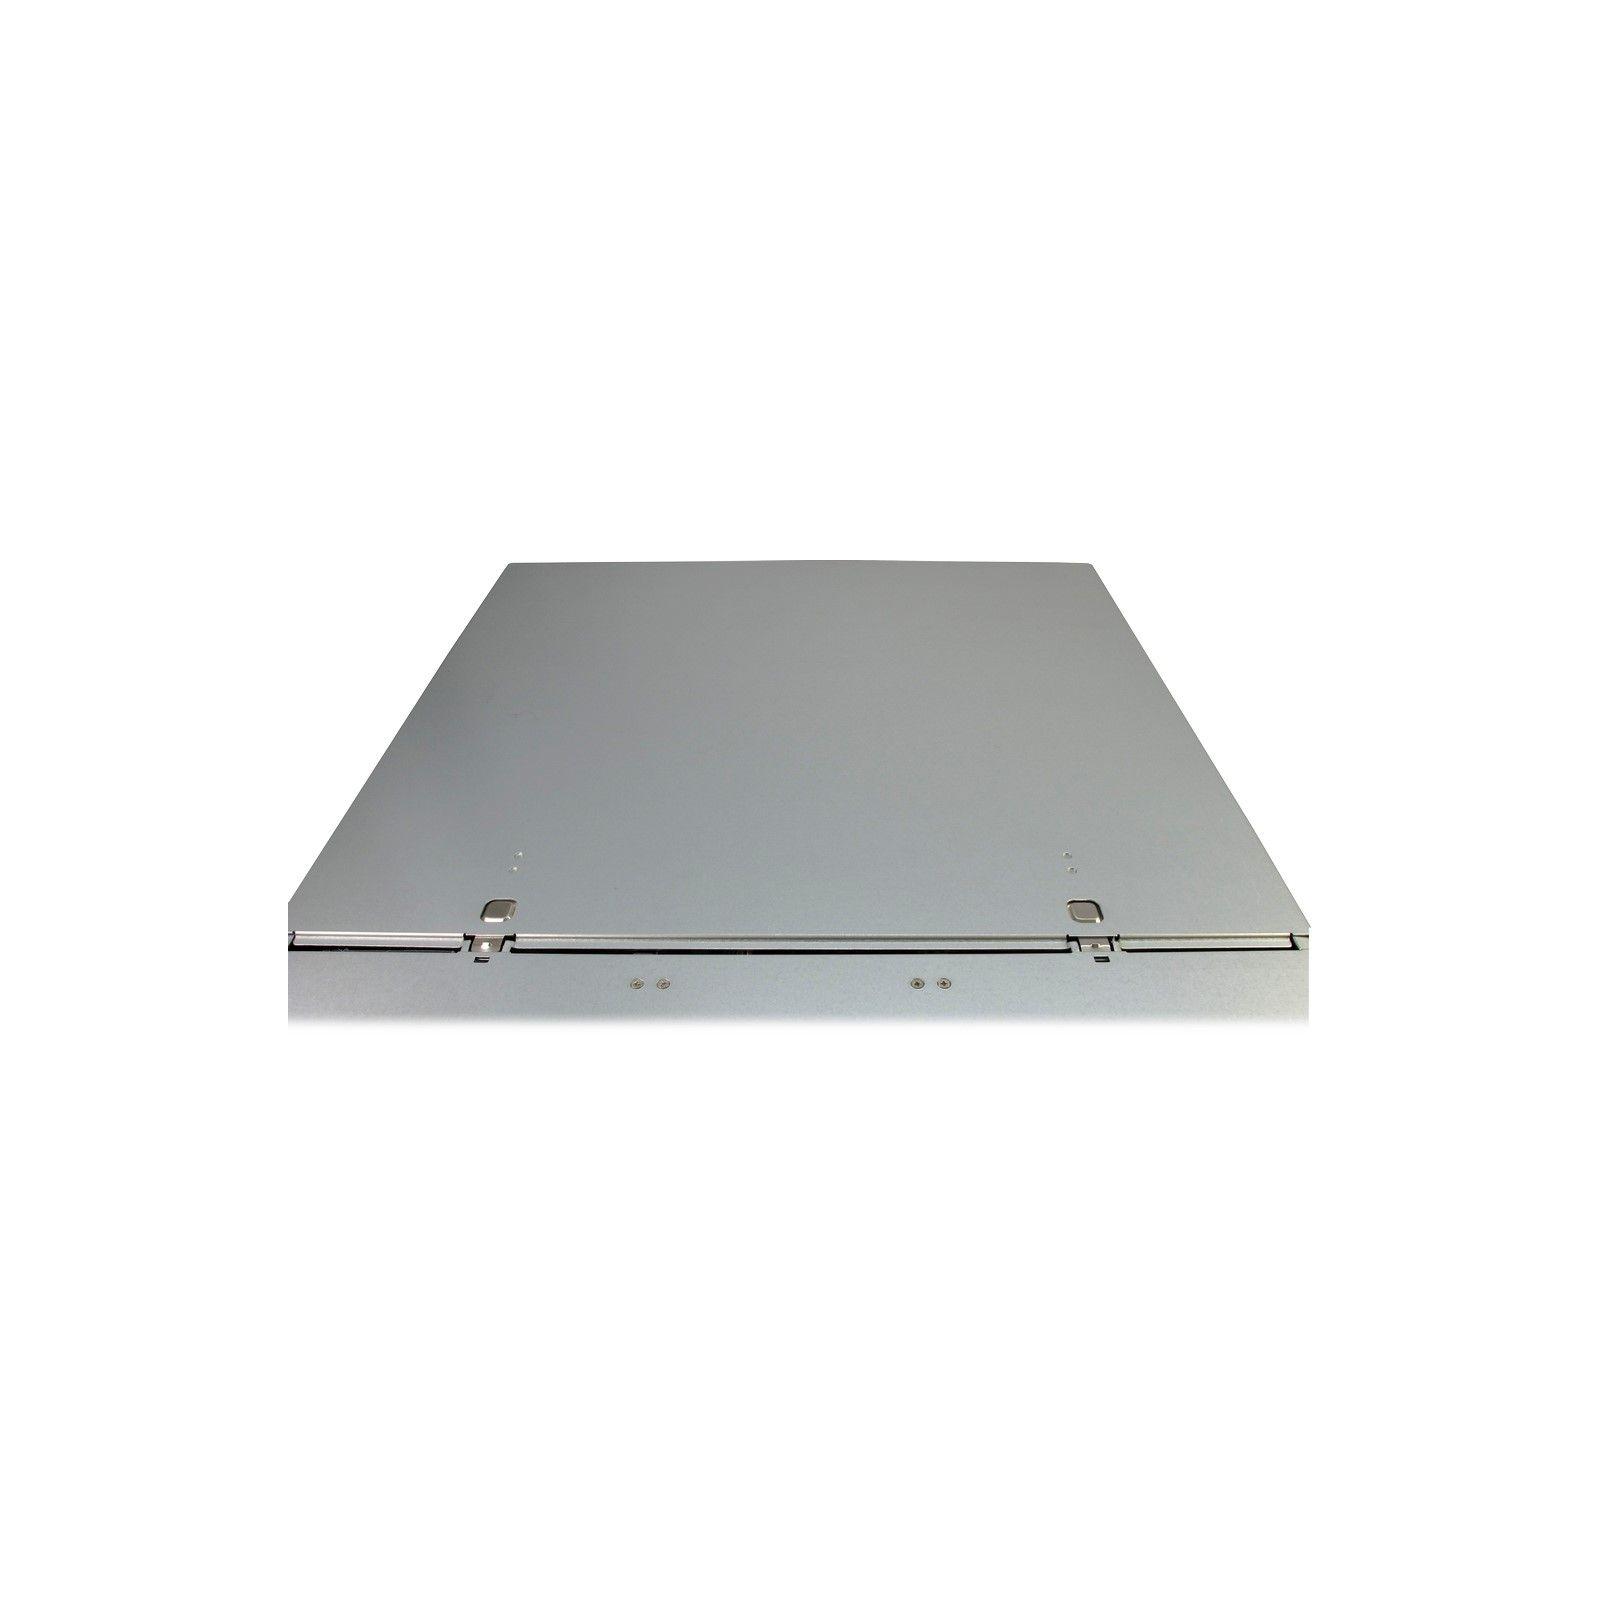 Корпус для сервера Inter-Tech 2U-2412 (456524) изображение 5